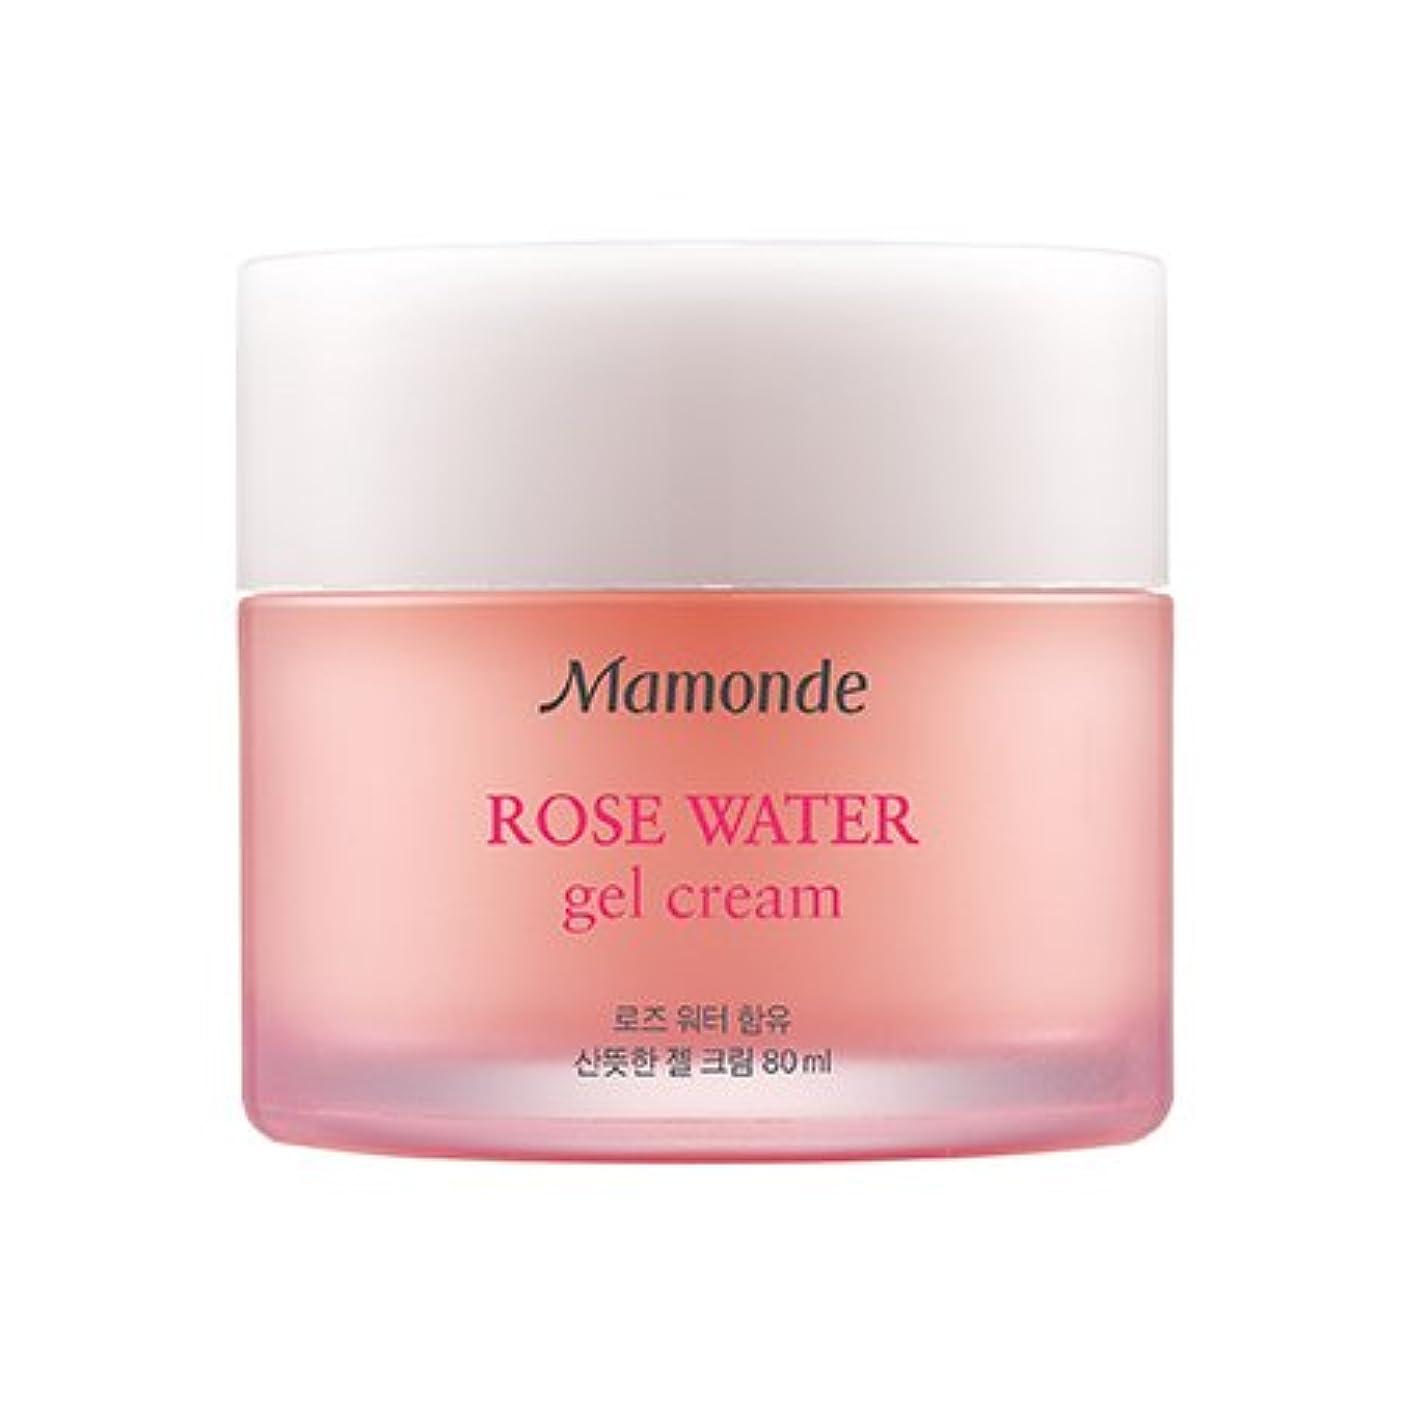 アンタゴニスト立方体鹿Mamonde Rose Water Gel Cream 80ml/マモンド ローズ ウォーター ジェル クリーム 80ml [並行輸入品]